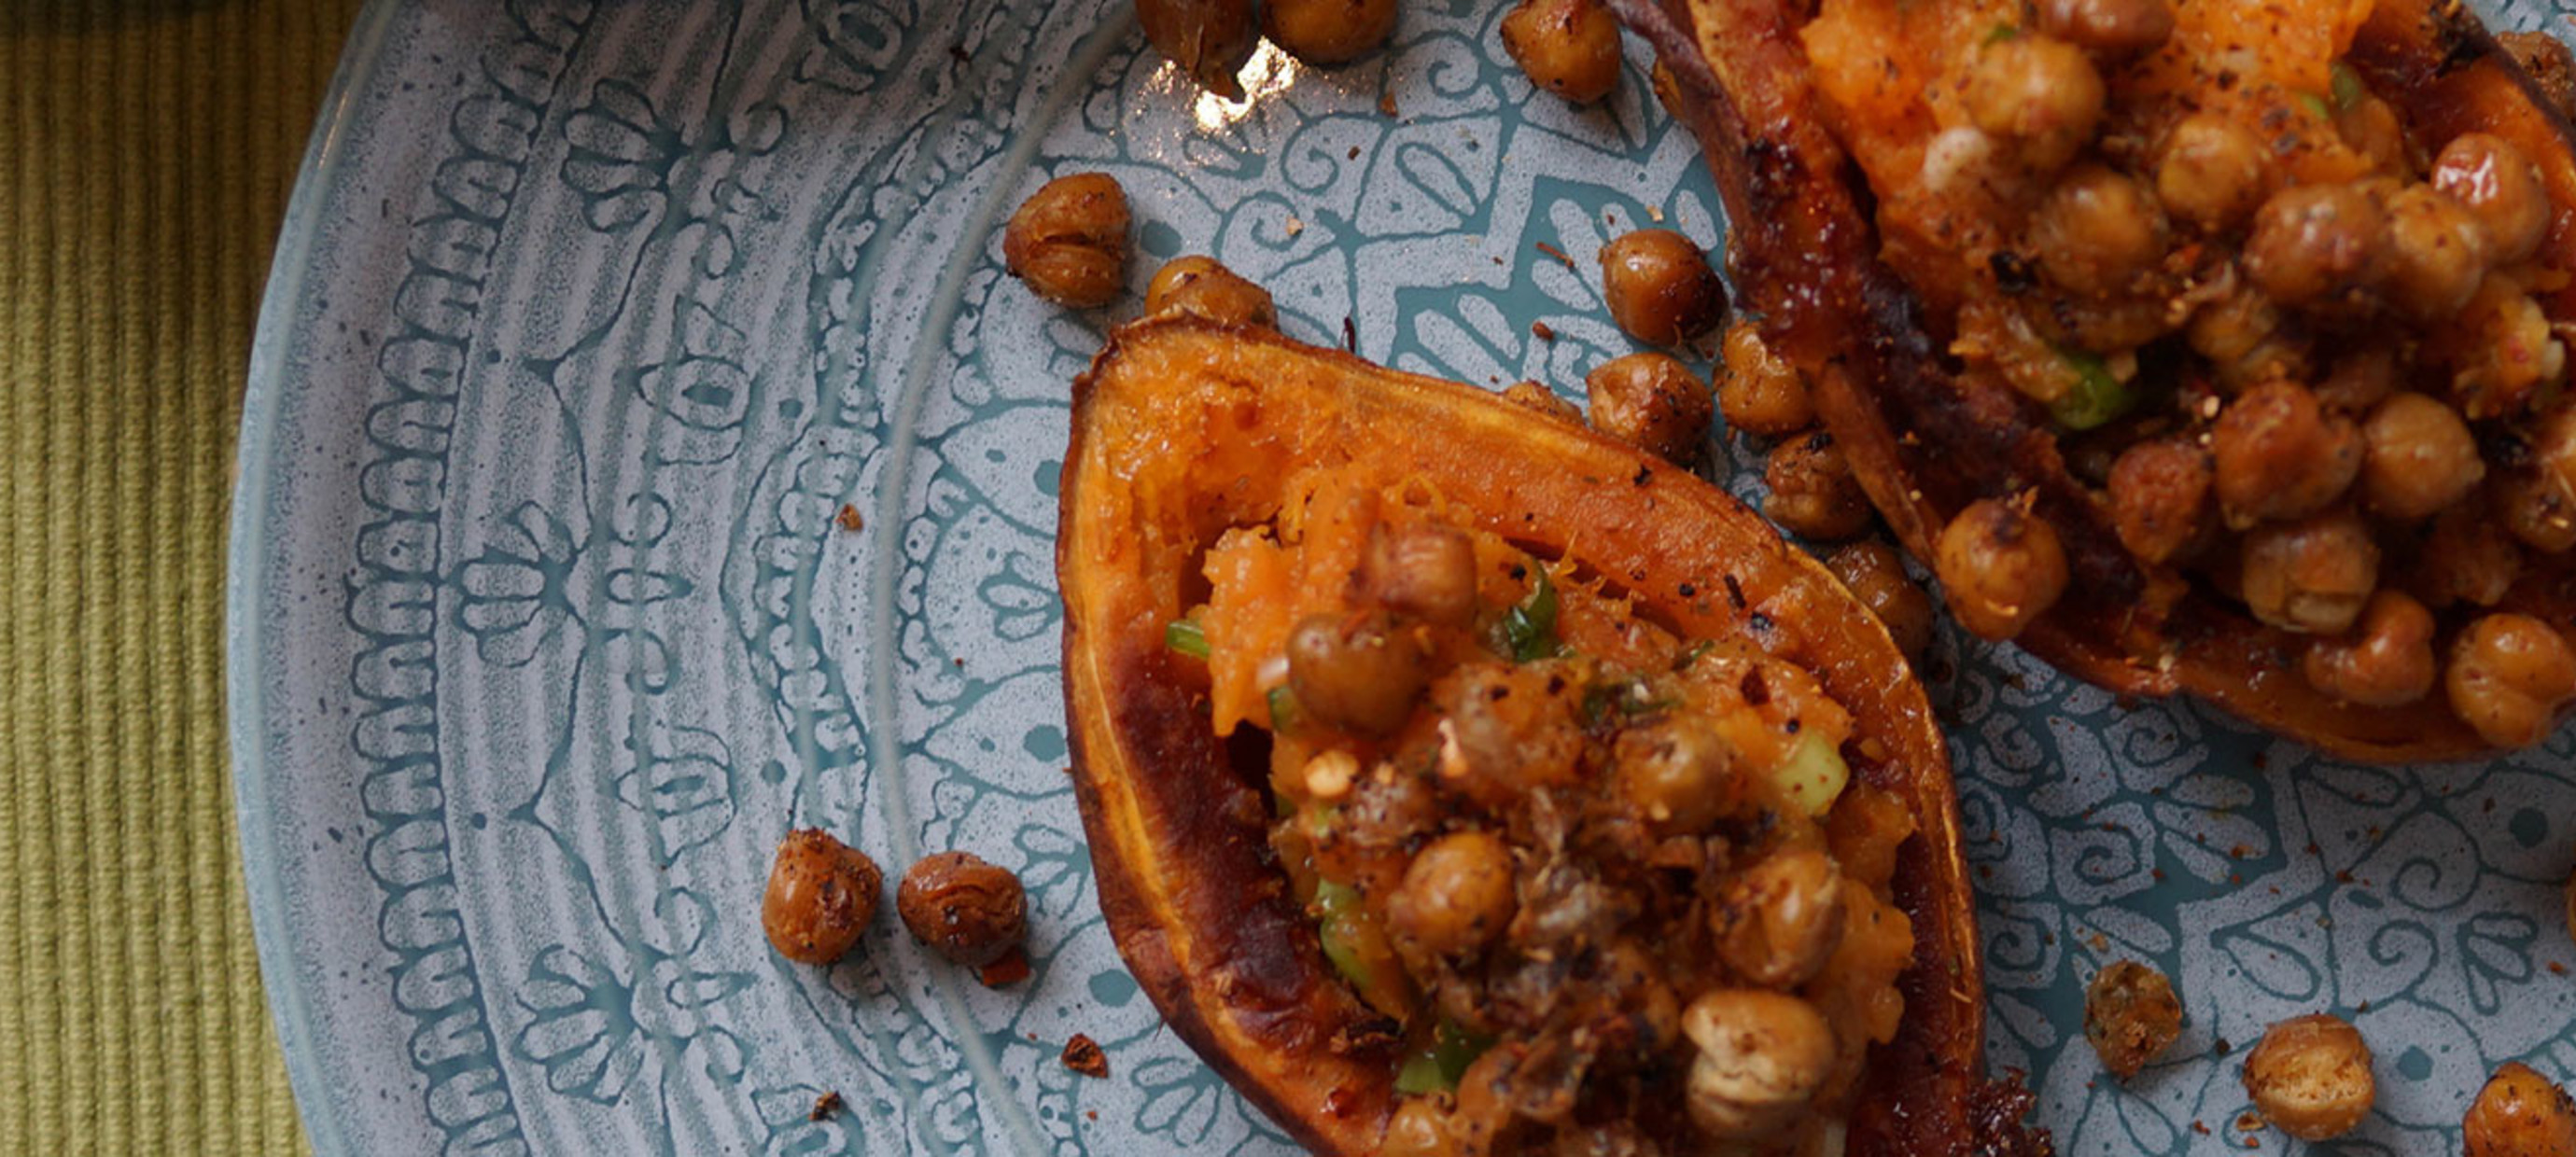 Zoete aardappel met lente-ui puree en knapperige kikkererwten